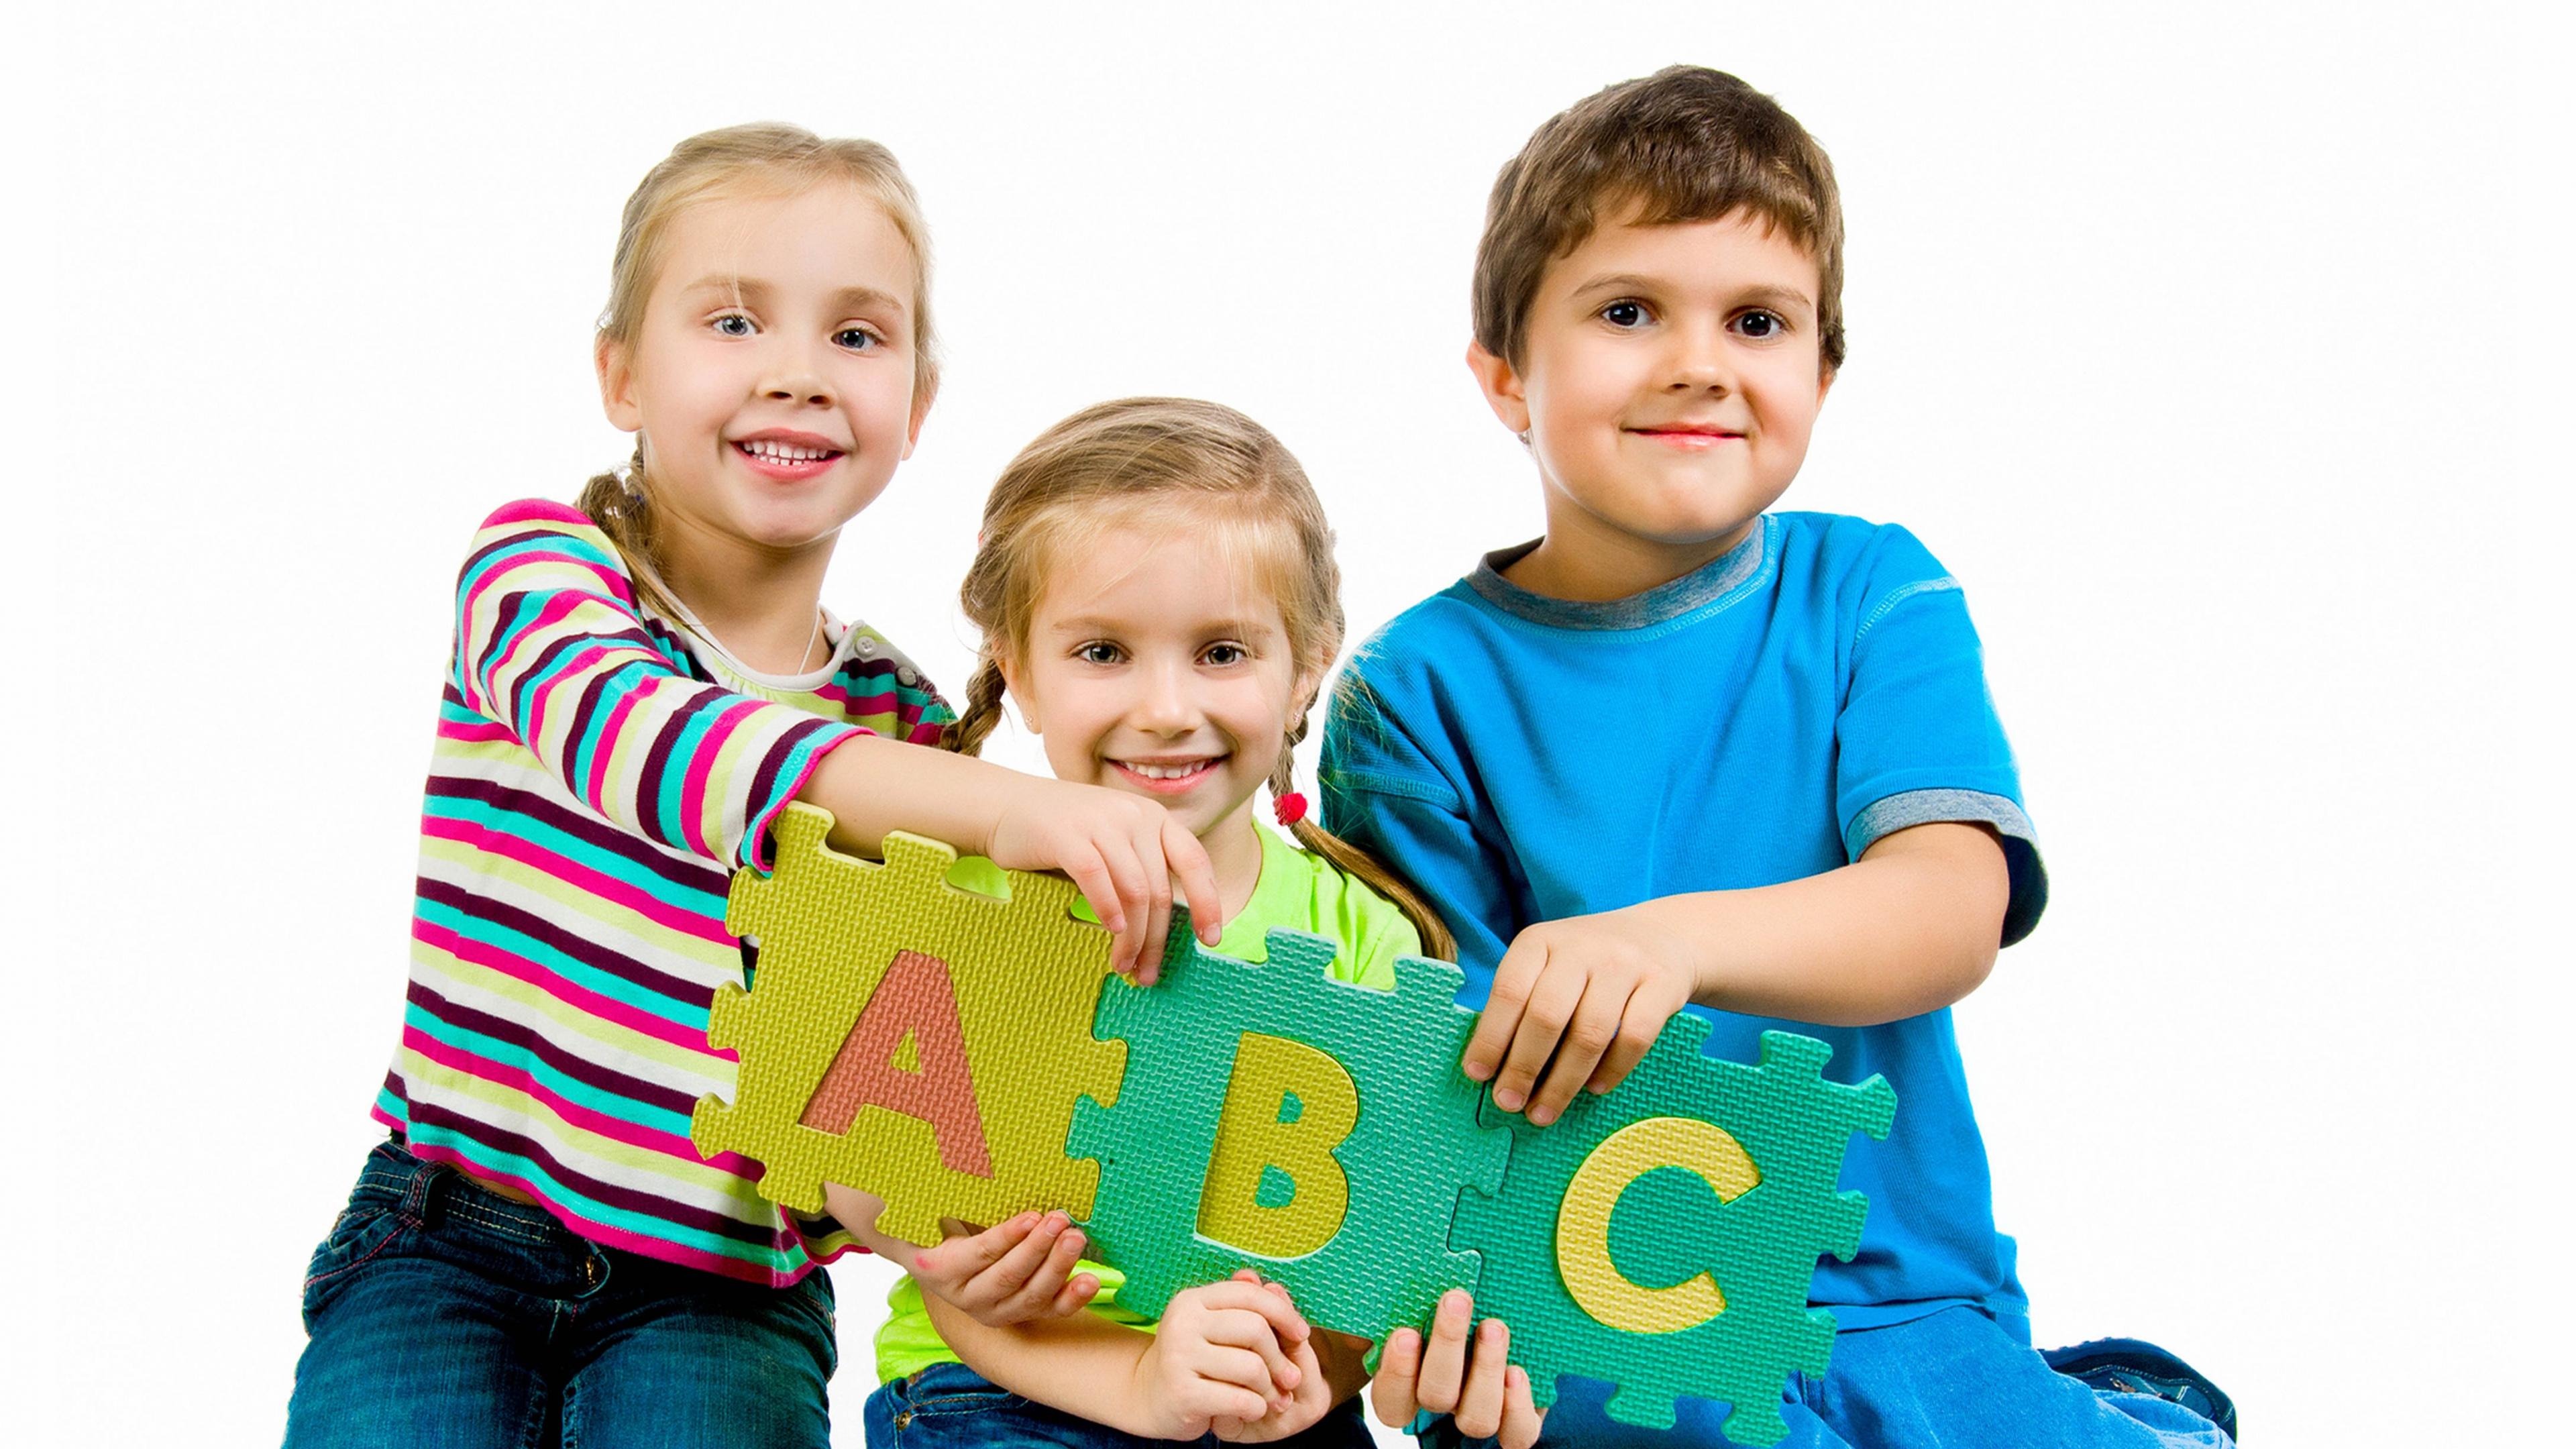 Phương pháp vừa học vừa chơi giúp dạy tiếng Anh cho bé lớp 1 hiệu quả, hứng khởi